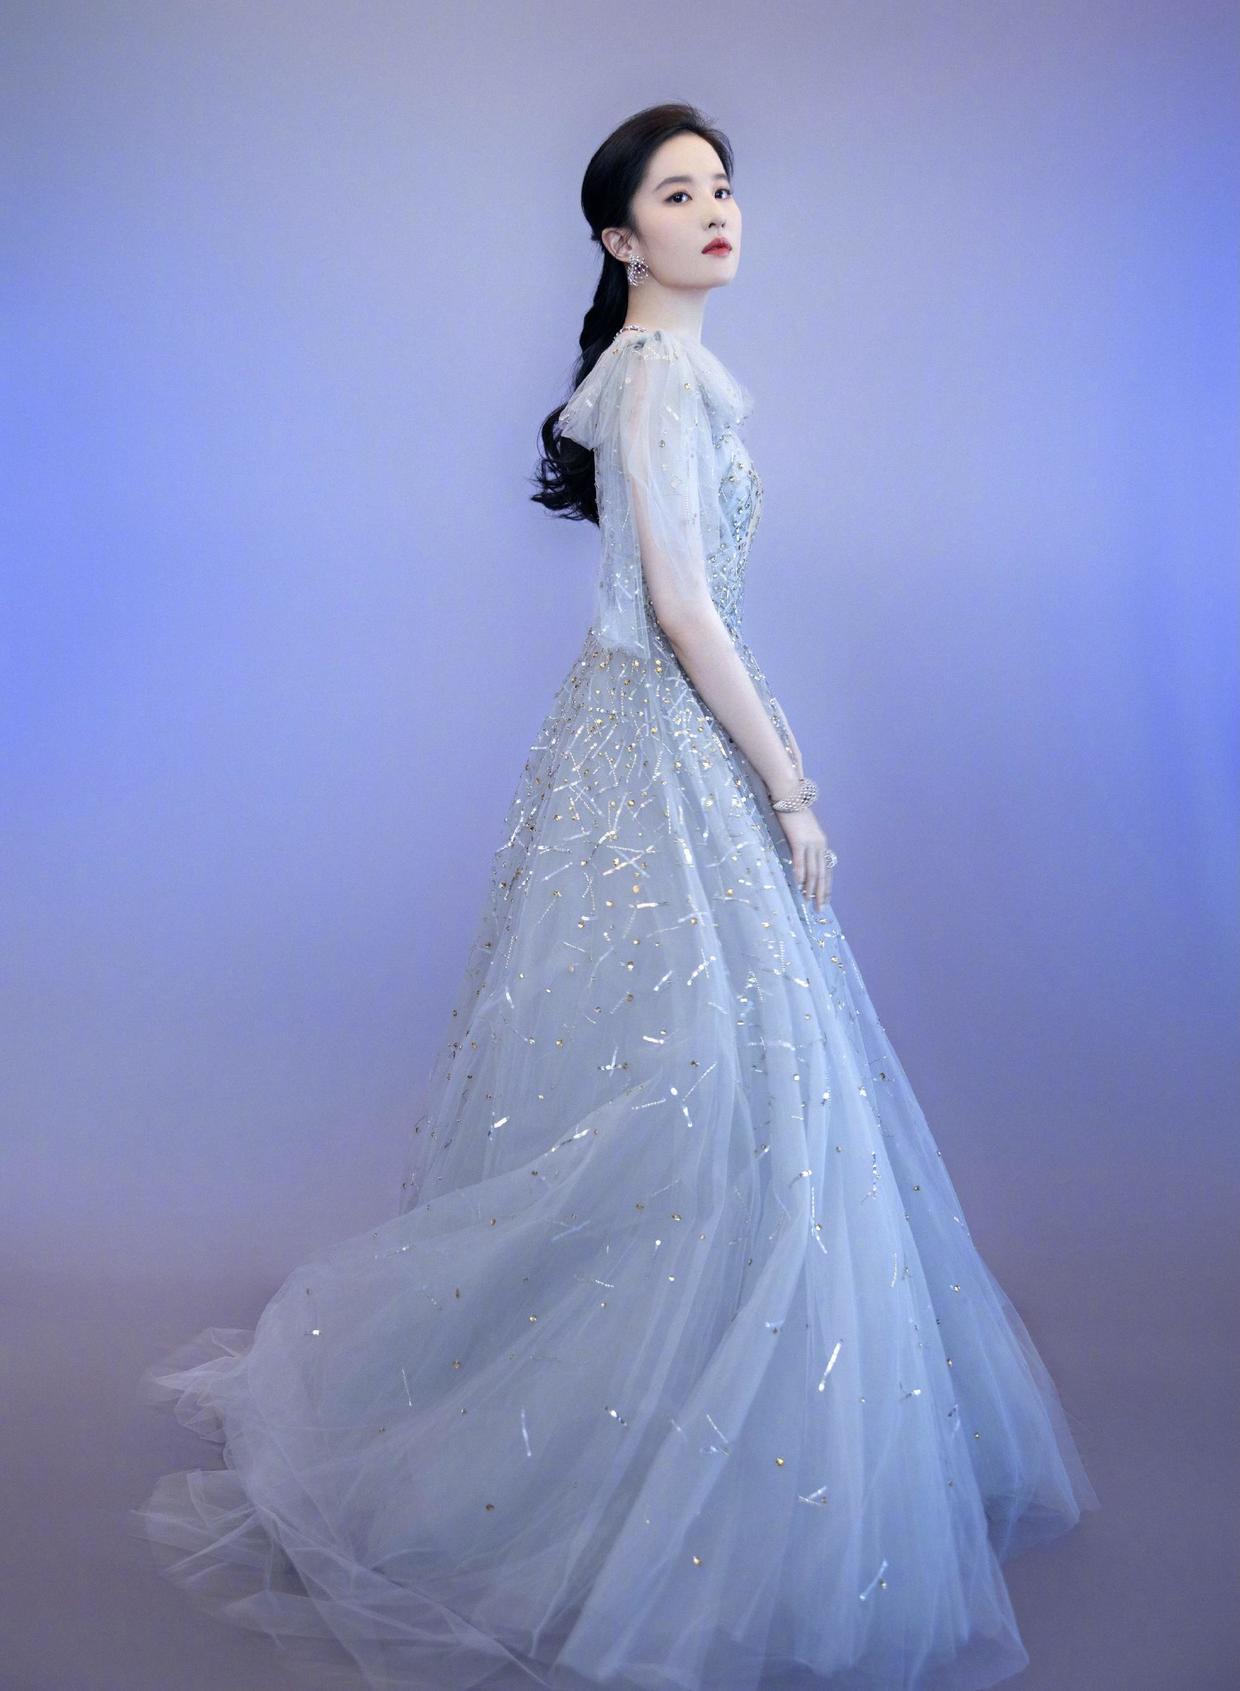 Lưu Diệc Phi mê mệt những thiết kế điệu đà, bay bổng trên những tạp chí thời trang danh tiếng cũng như thảm đỏ. Vóc dáng mong manh của cô rất thích hợp với váy có độ xòe rộng. Nữ diễn viên sinh năm 1987, cũng rất biết cách thu hút sự chú ý khi sử dụng phụ kiện tinh xảo.